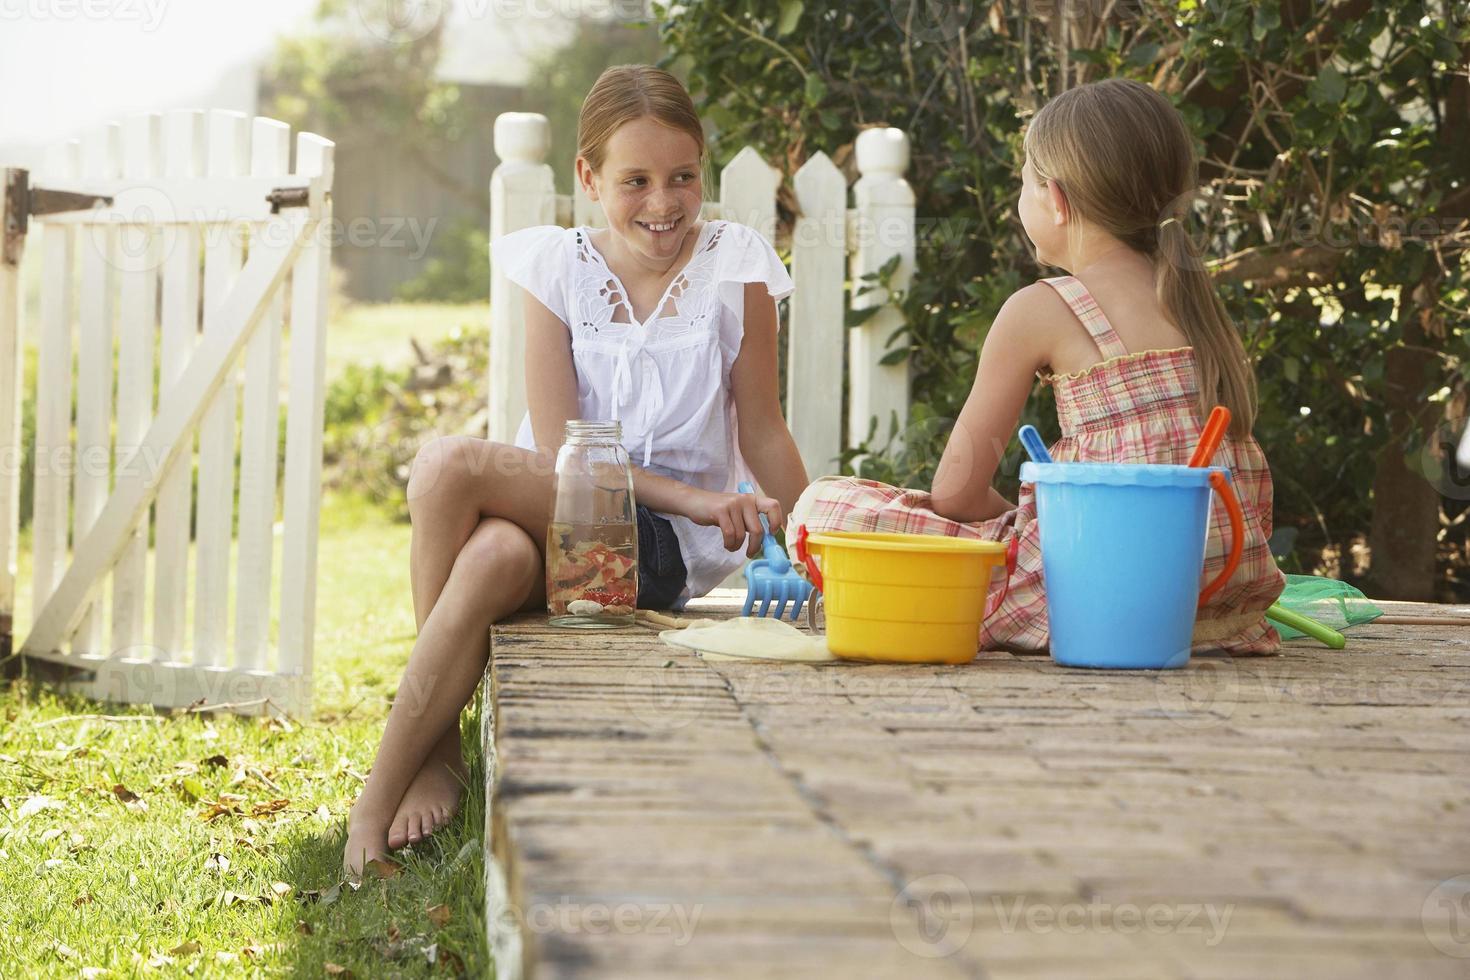 hermanas con juguetes de playa sentado en el patio foto